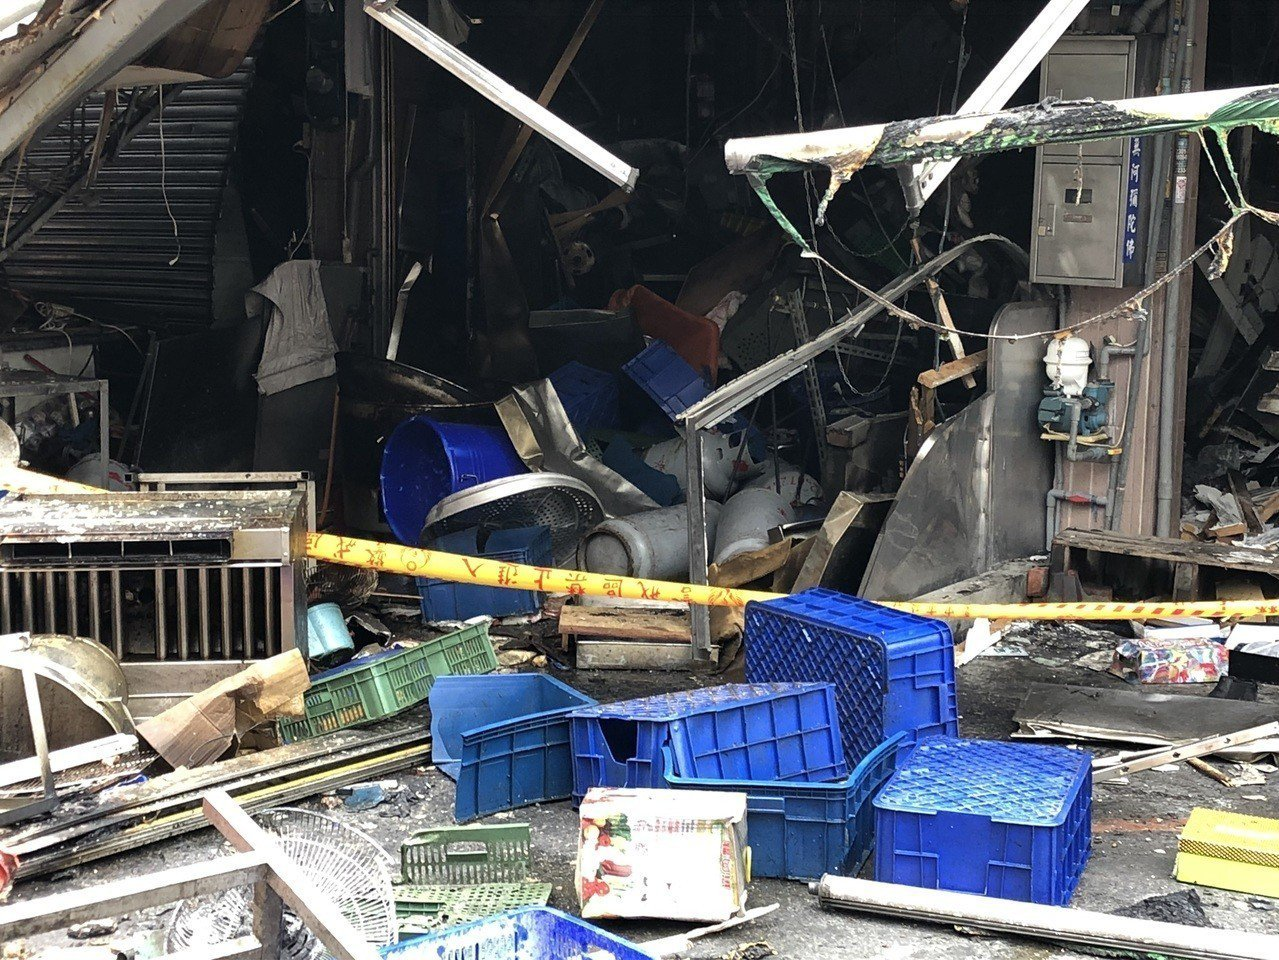 台中市東區建新街食品加工行今天清晨氣爆,火調人員到場調查。記者陳宏睿/攝影